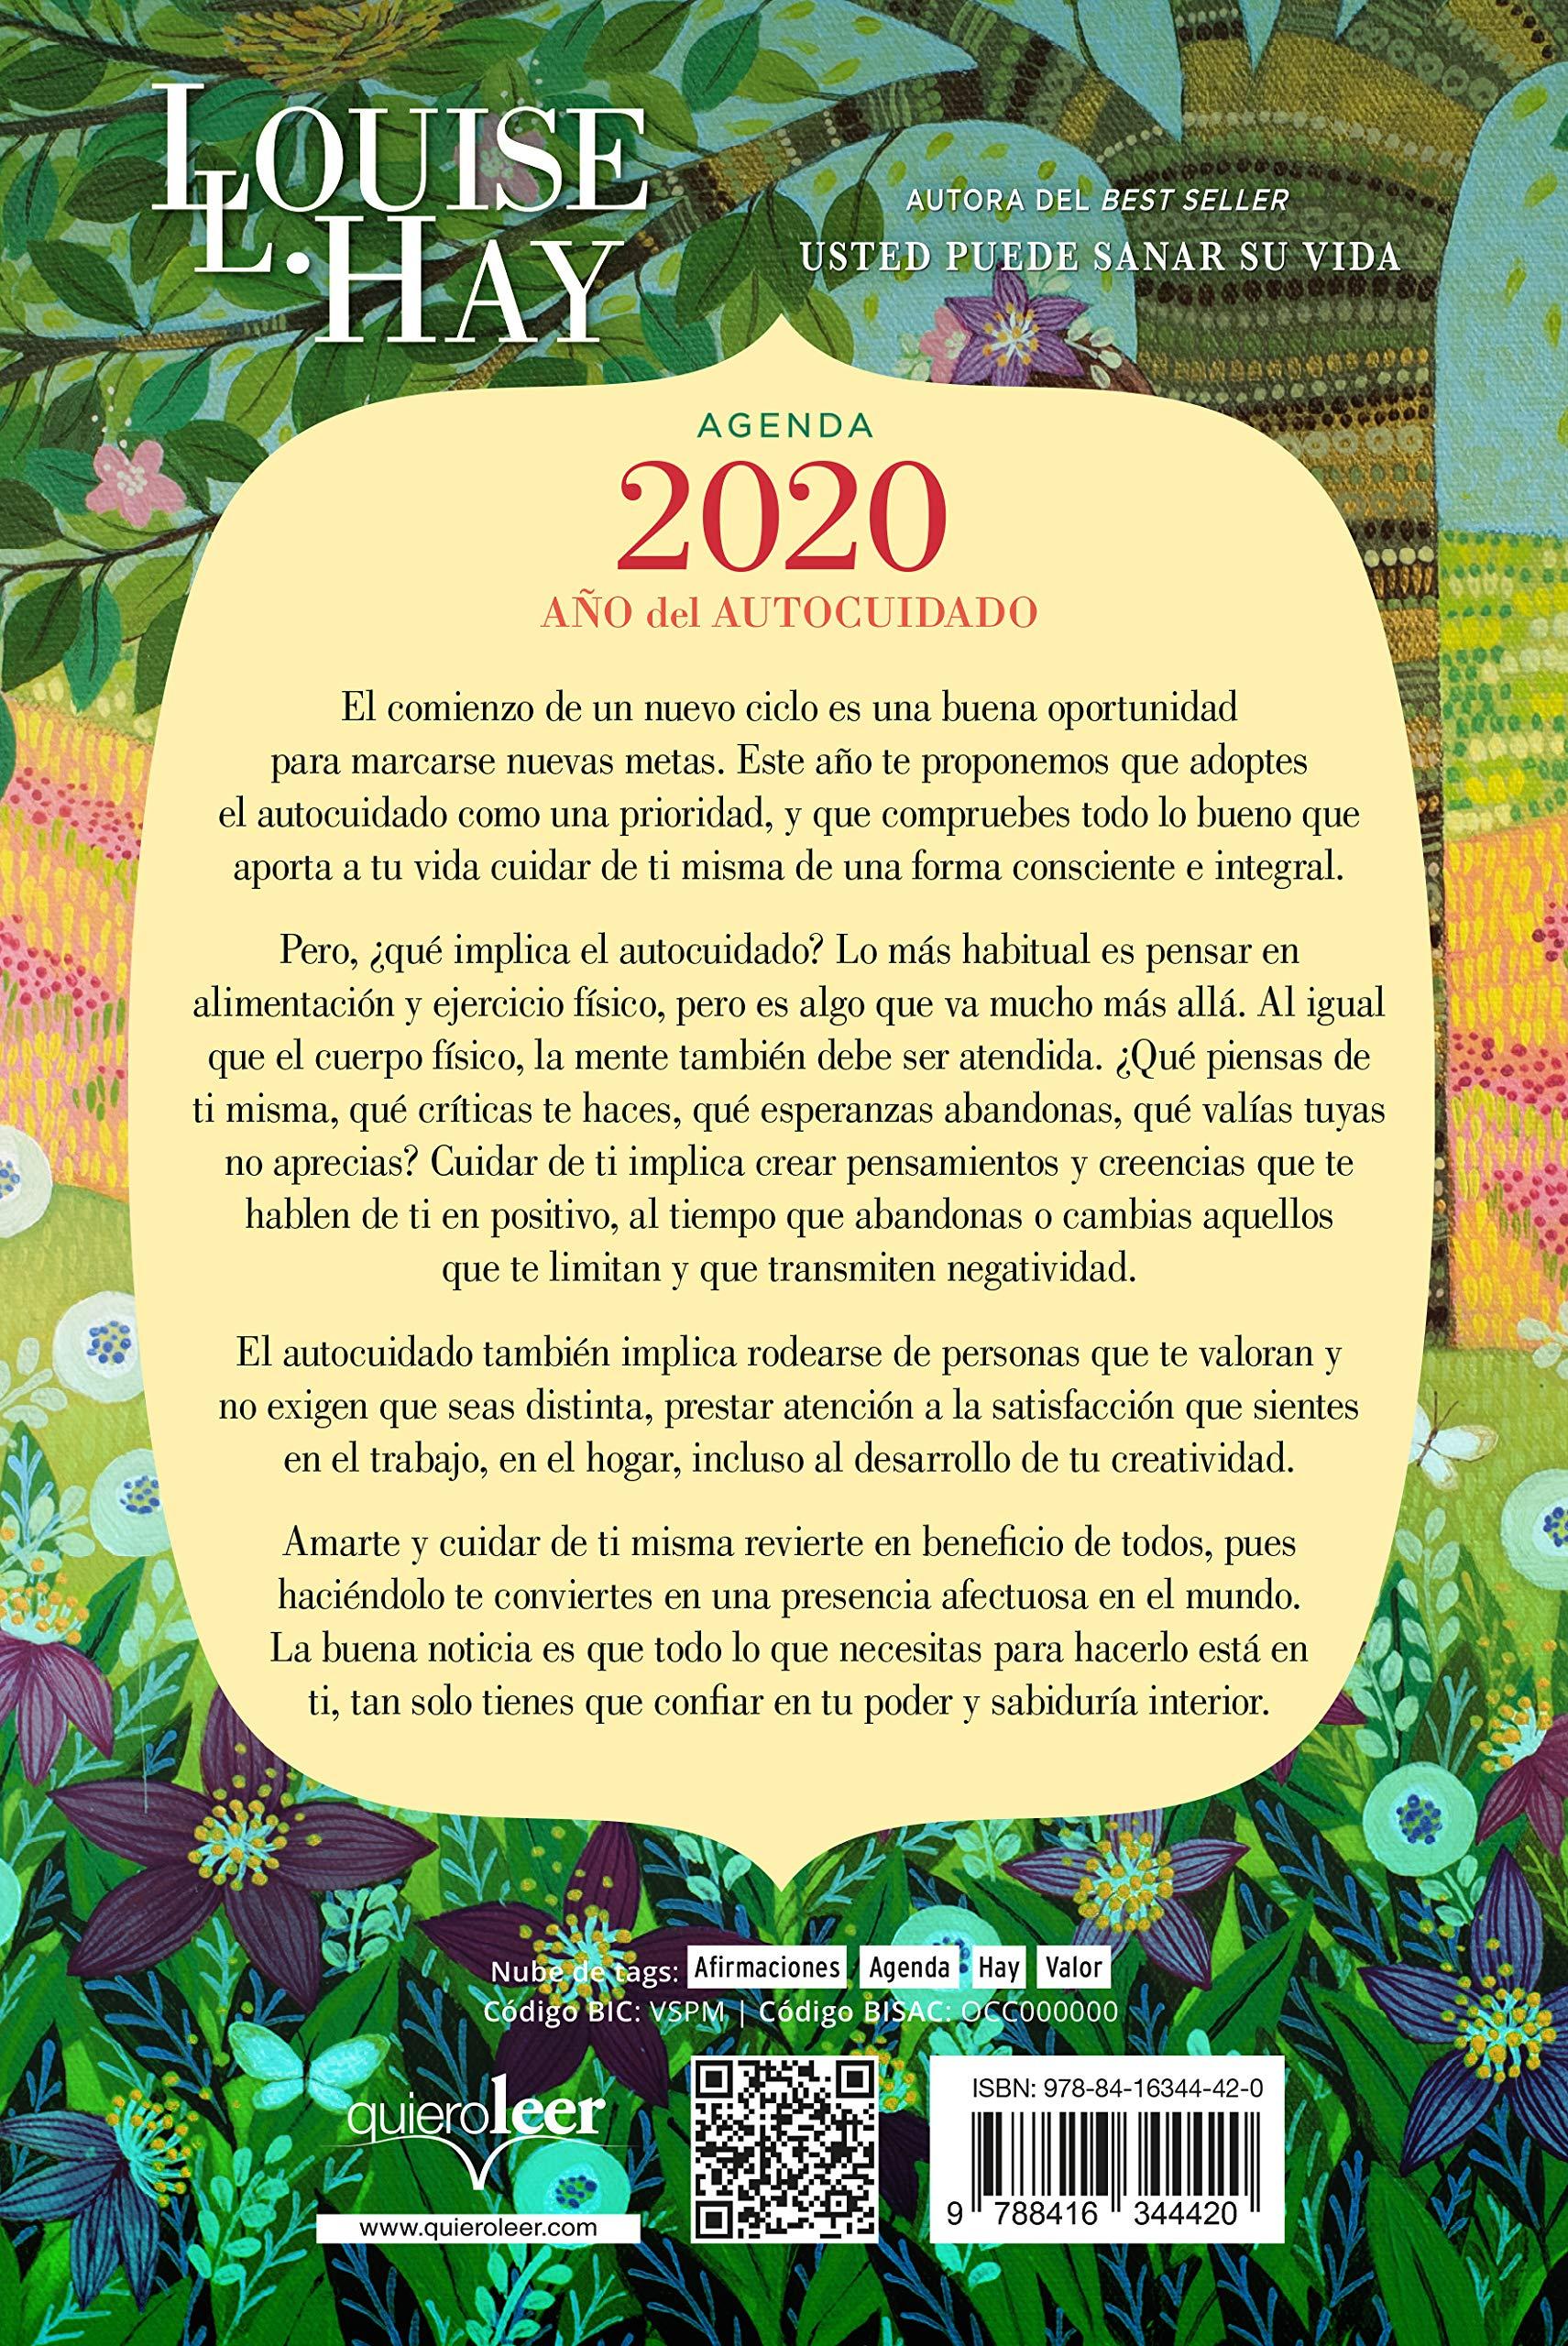 Agenda Louise Hay 2020. Ano del autocuidado (Spanish Edition ...